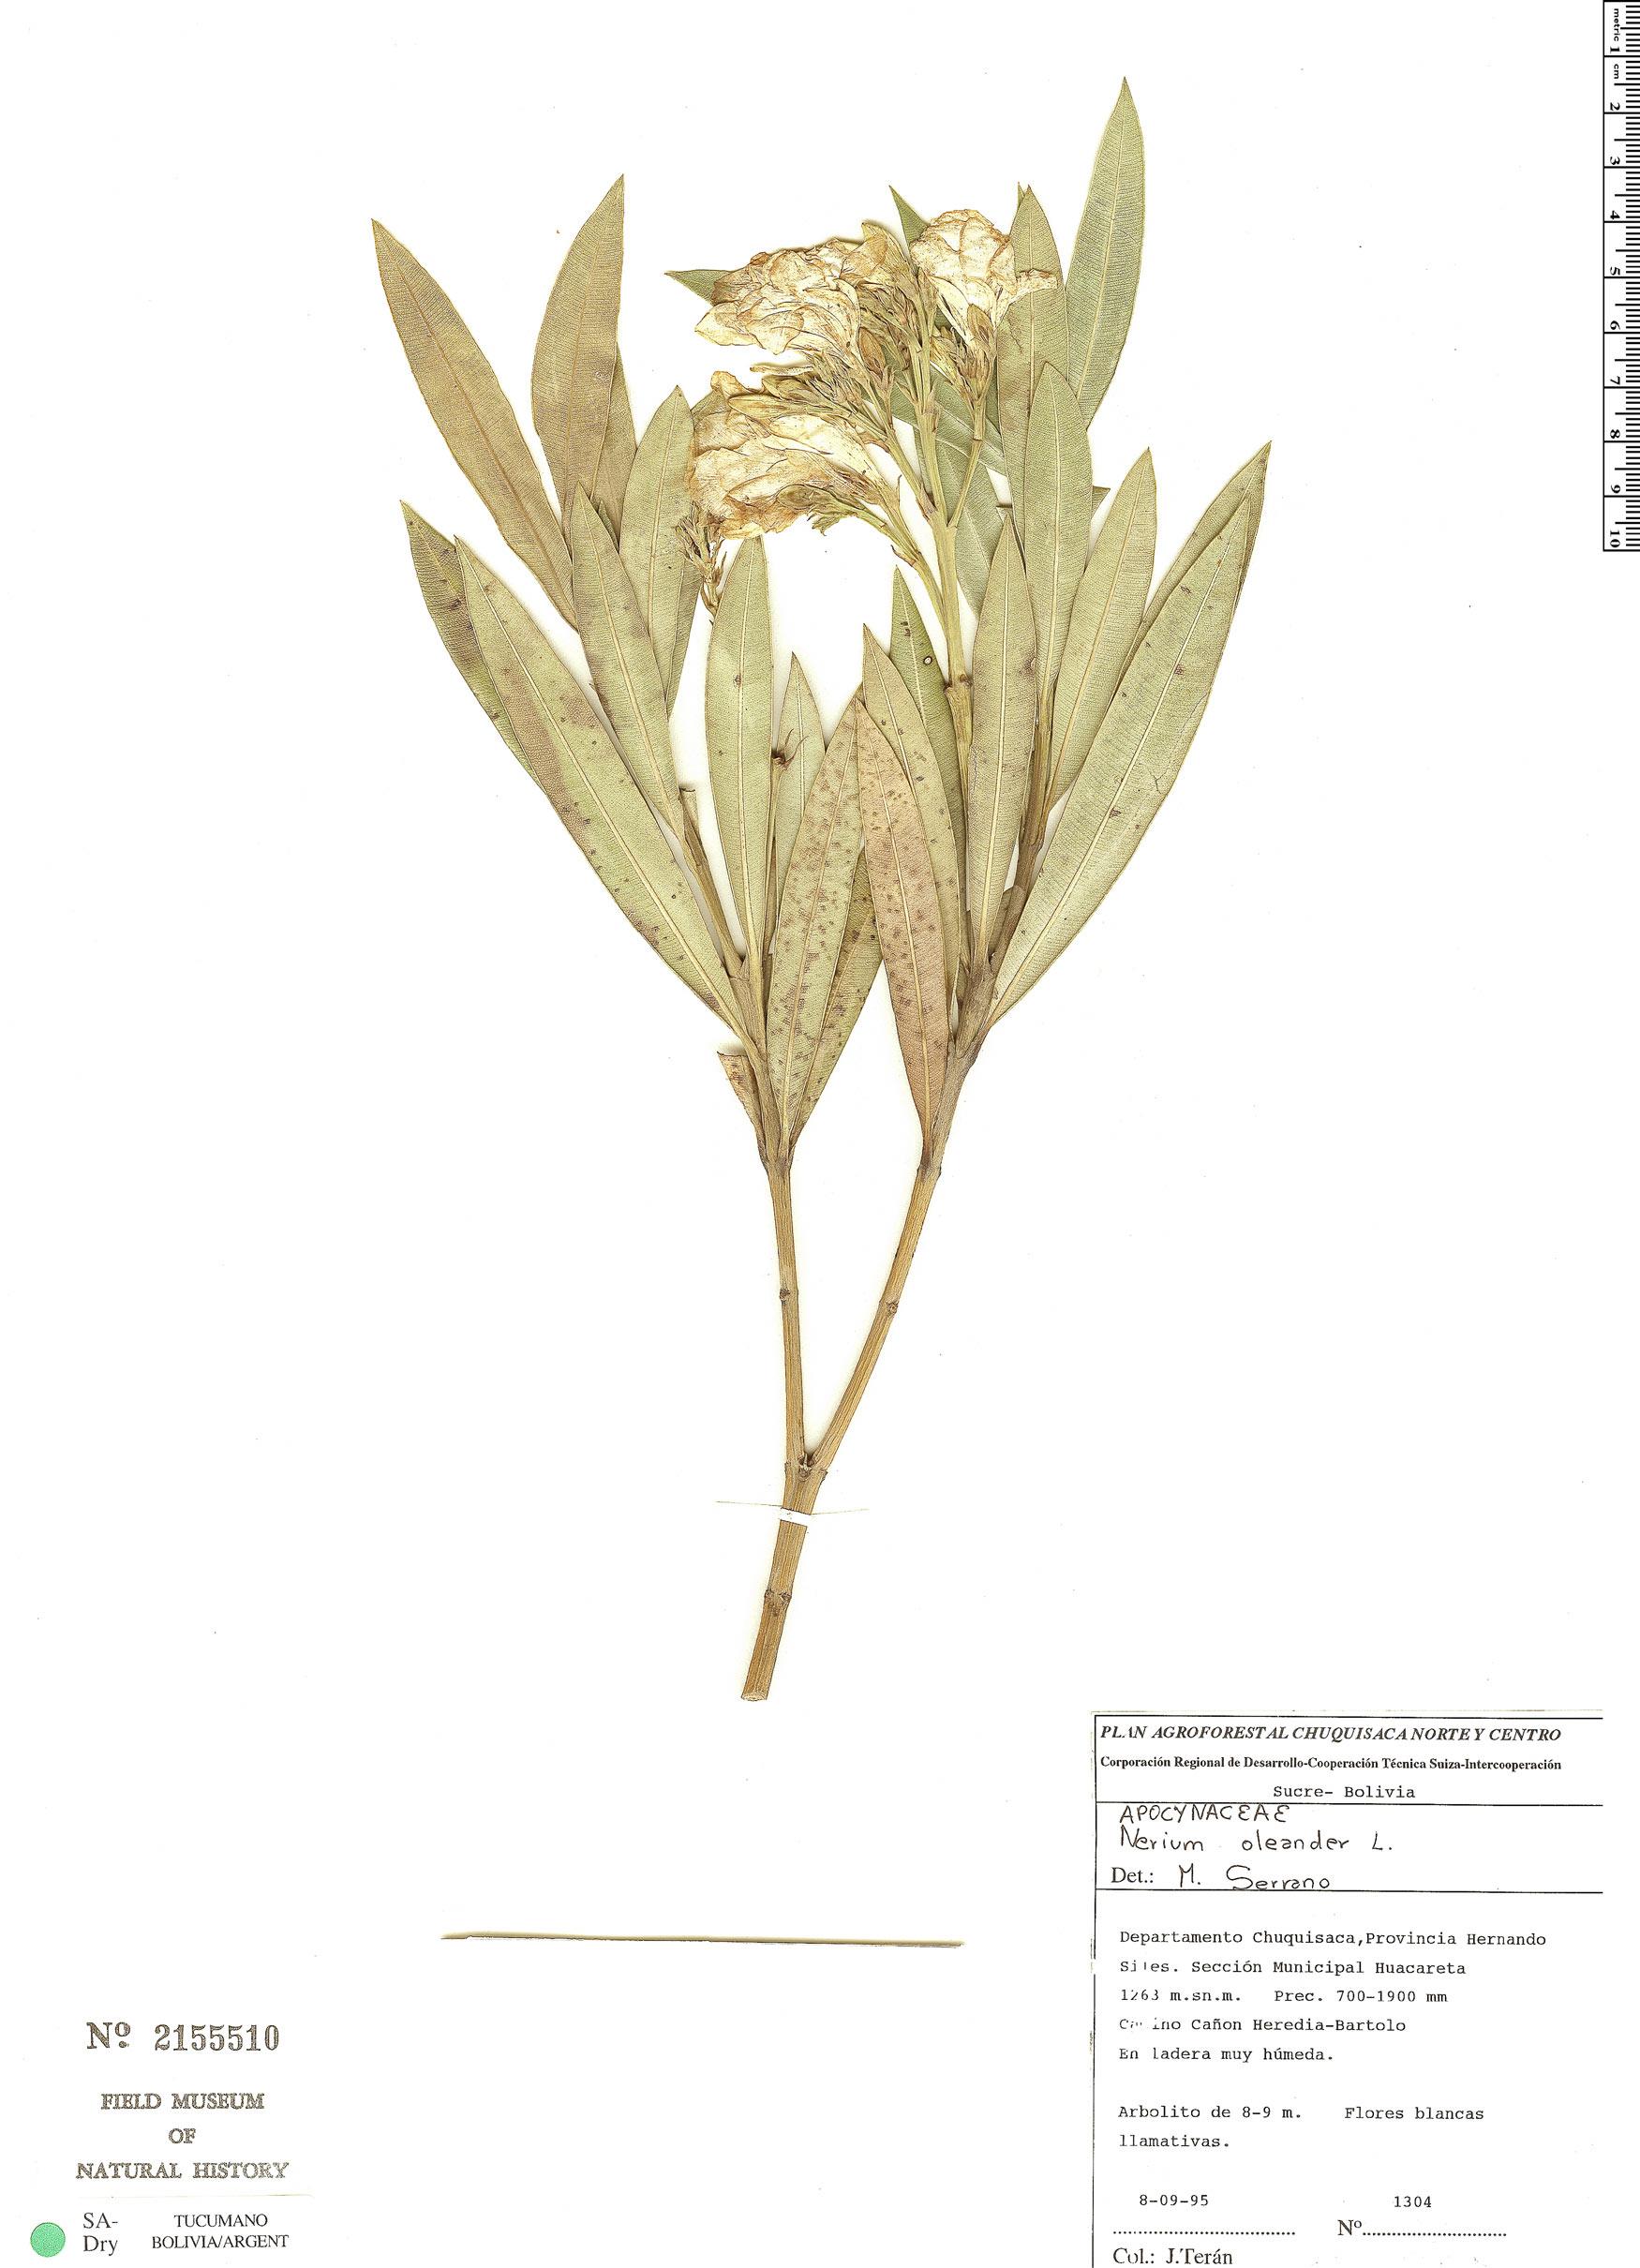 Specimen: Nerium oleander